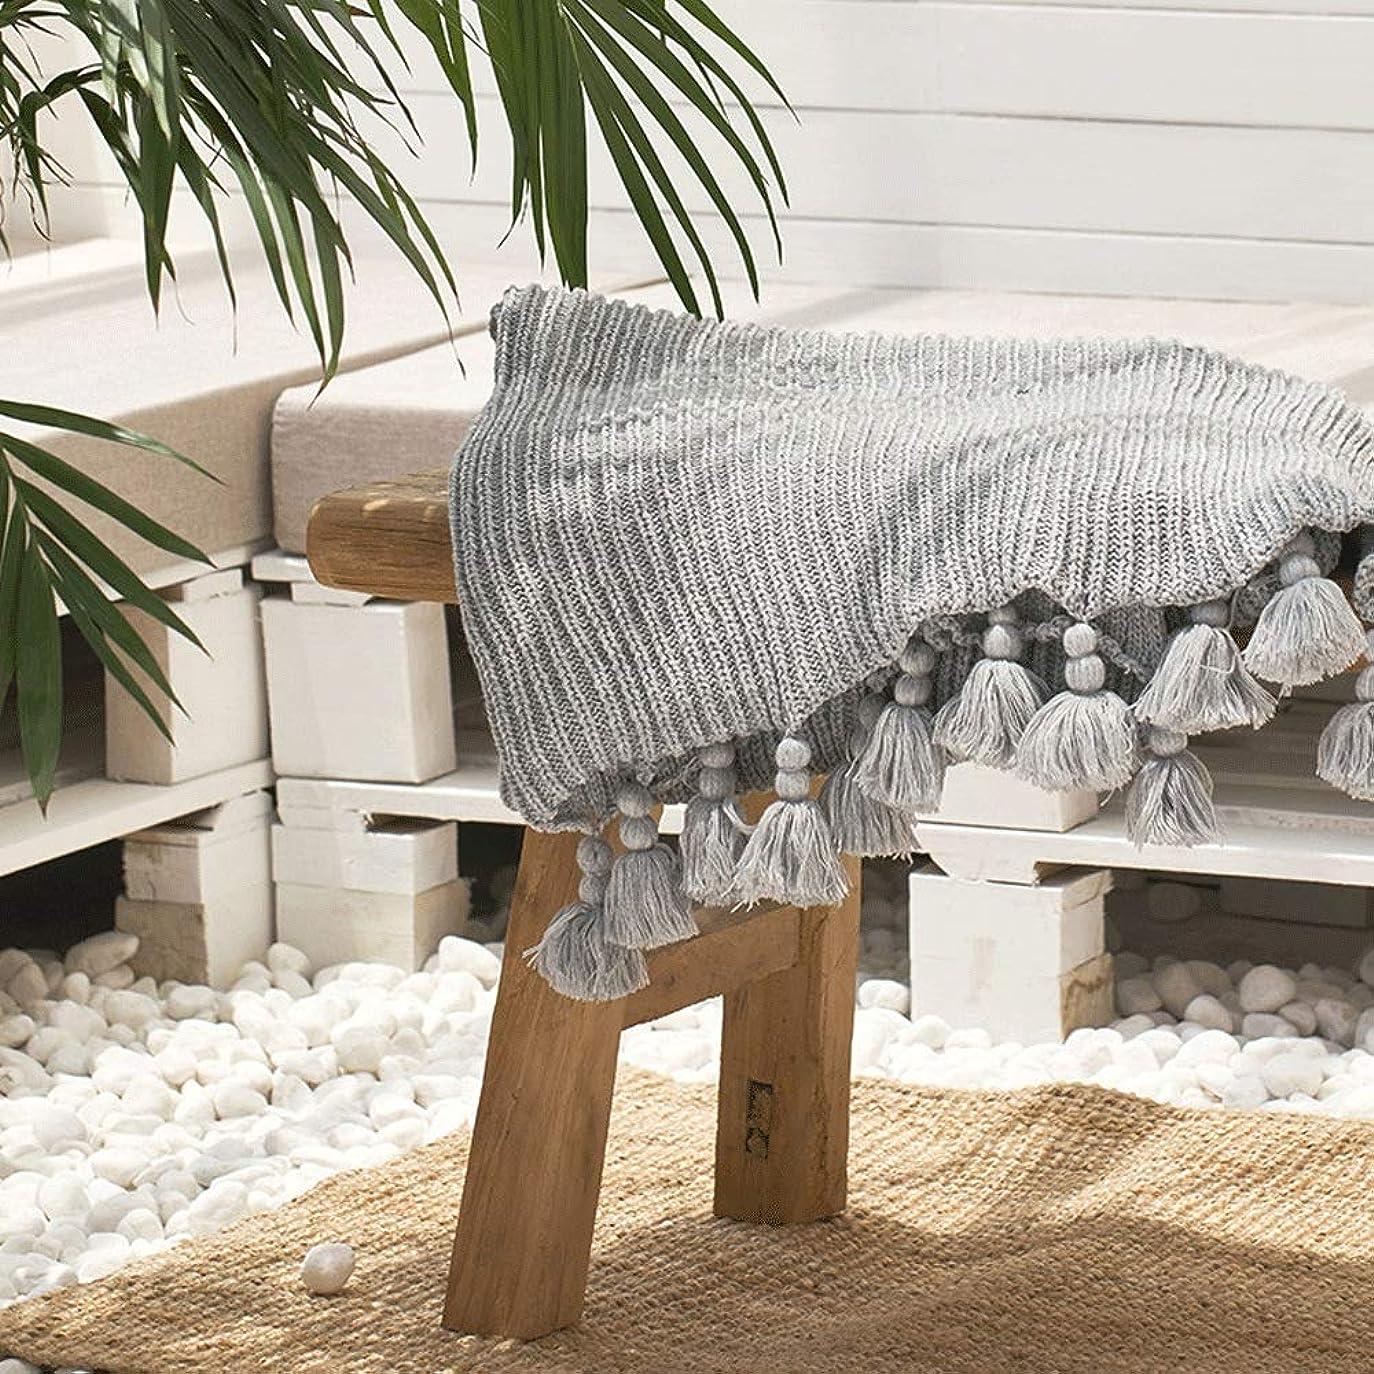 気づくまもなく教会多機能 ソファー ブランケット ソファのためのニットフリンジ軽量投球毛布ベッドビーチ旅行オールシーズン大人のためのニット投球毛布 (Color : Gray, Size : 130cmx160cm)